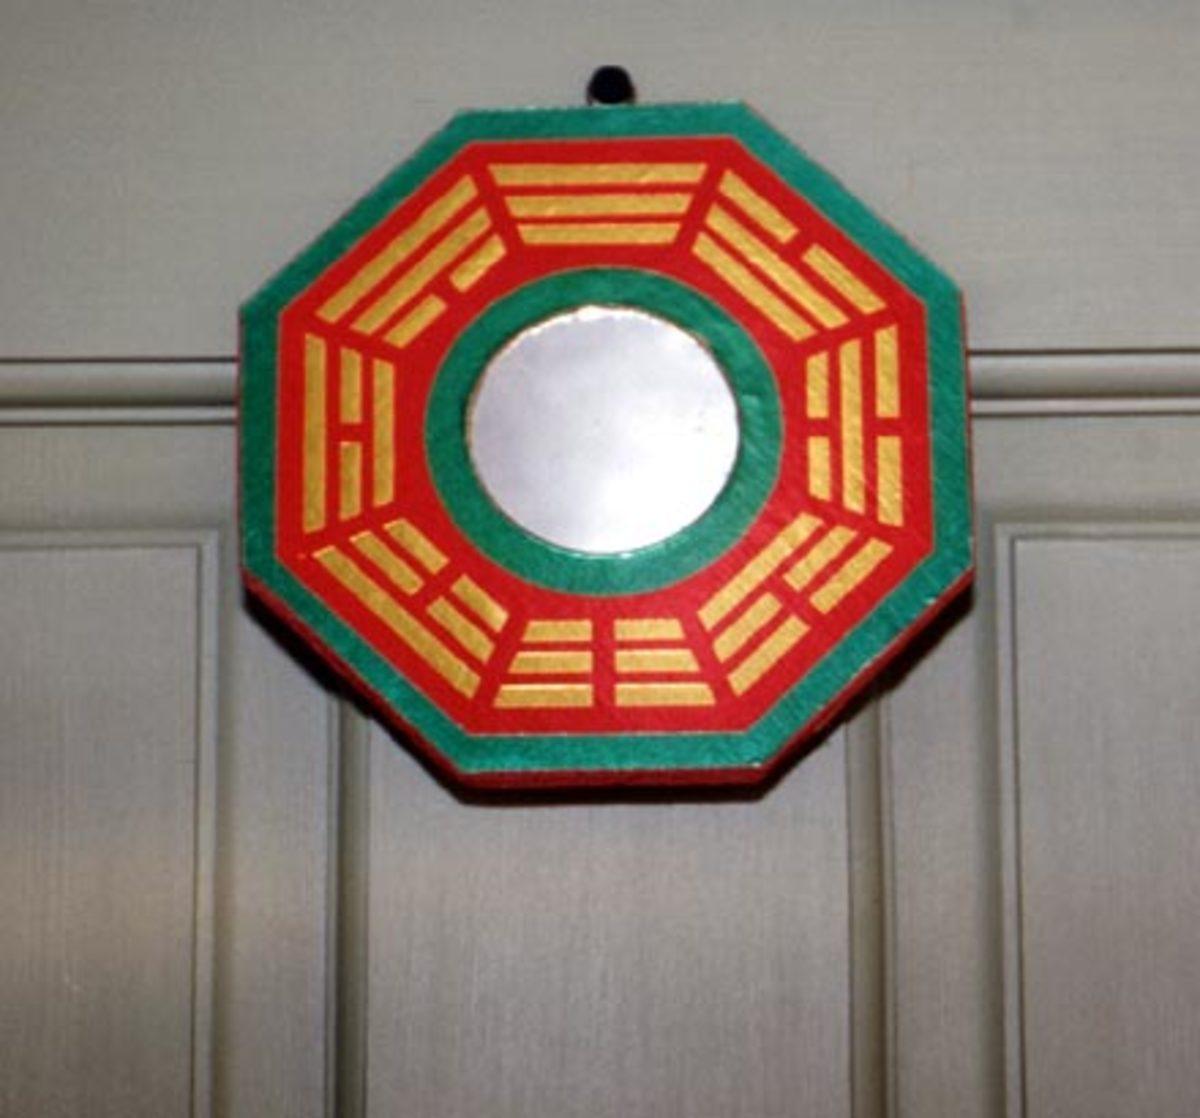 Feng Shui Bagua mirror above door.